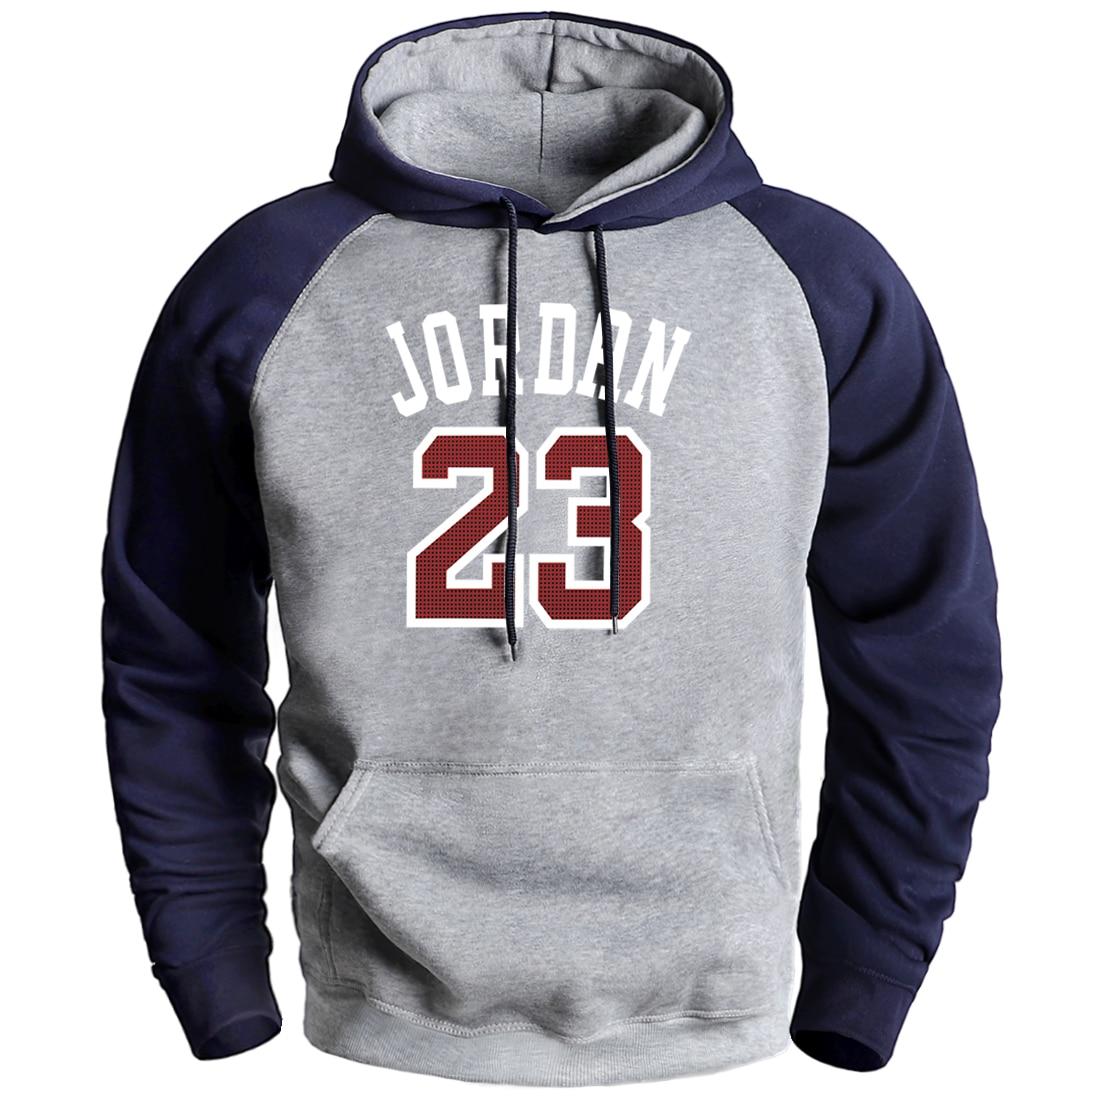 Jordan 23 Mens Hoodie Winter Raglan Fleece Warm Sweatshirt 2020 Man Brand Hot Sell Pullover Hooded Homme Casual Loose Streetwear